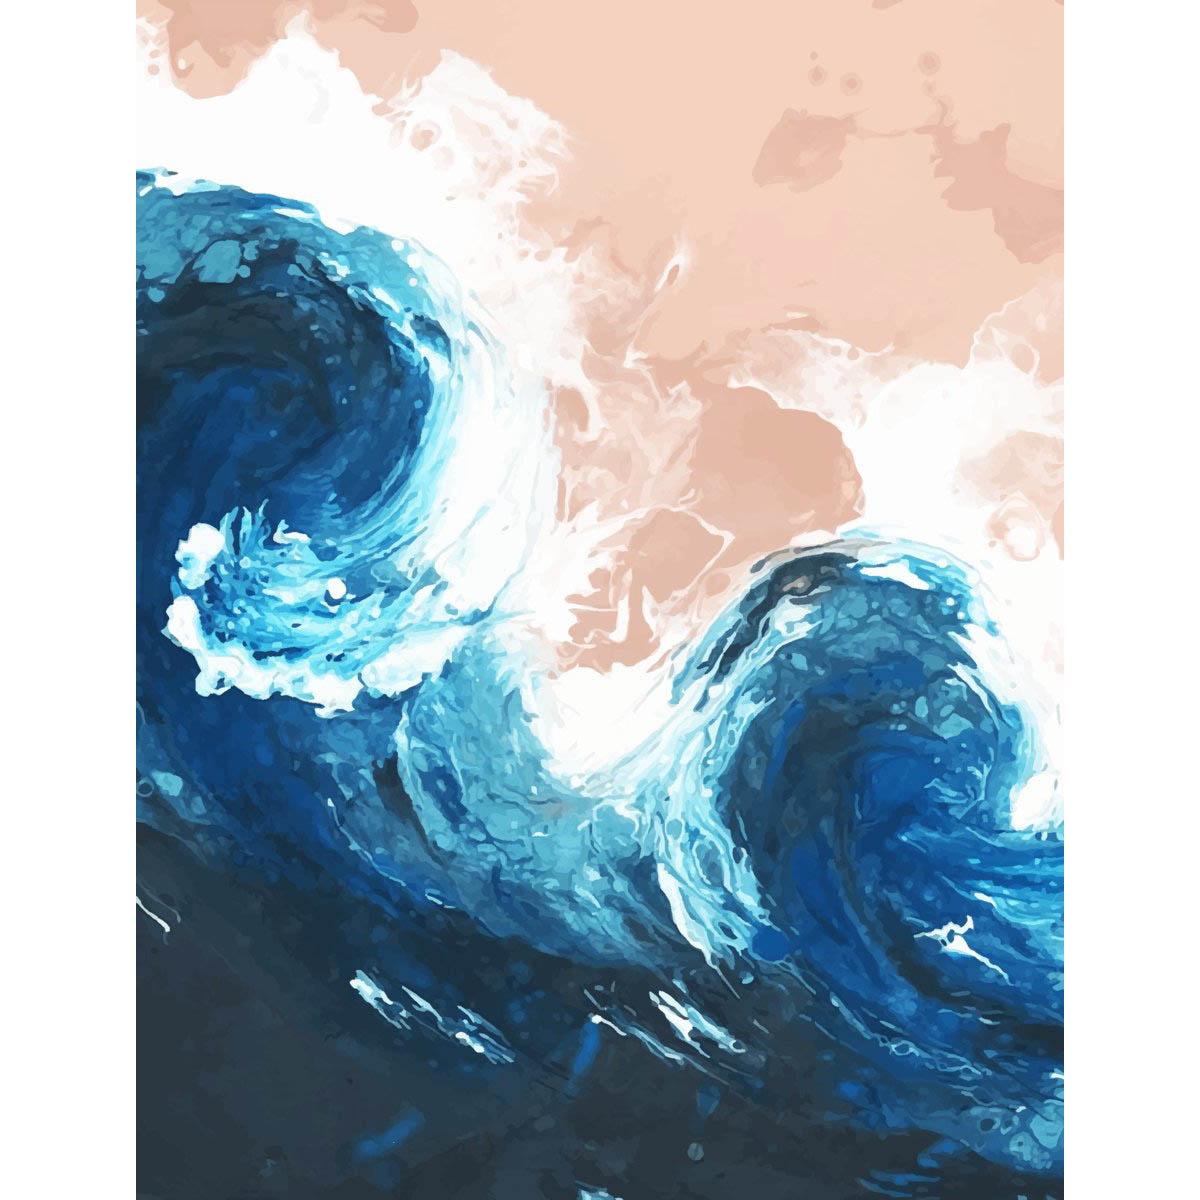 FA005 Набор для творчества Картина в стиле fluid art 'Морская волна' 30*30см